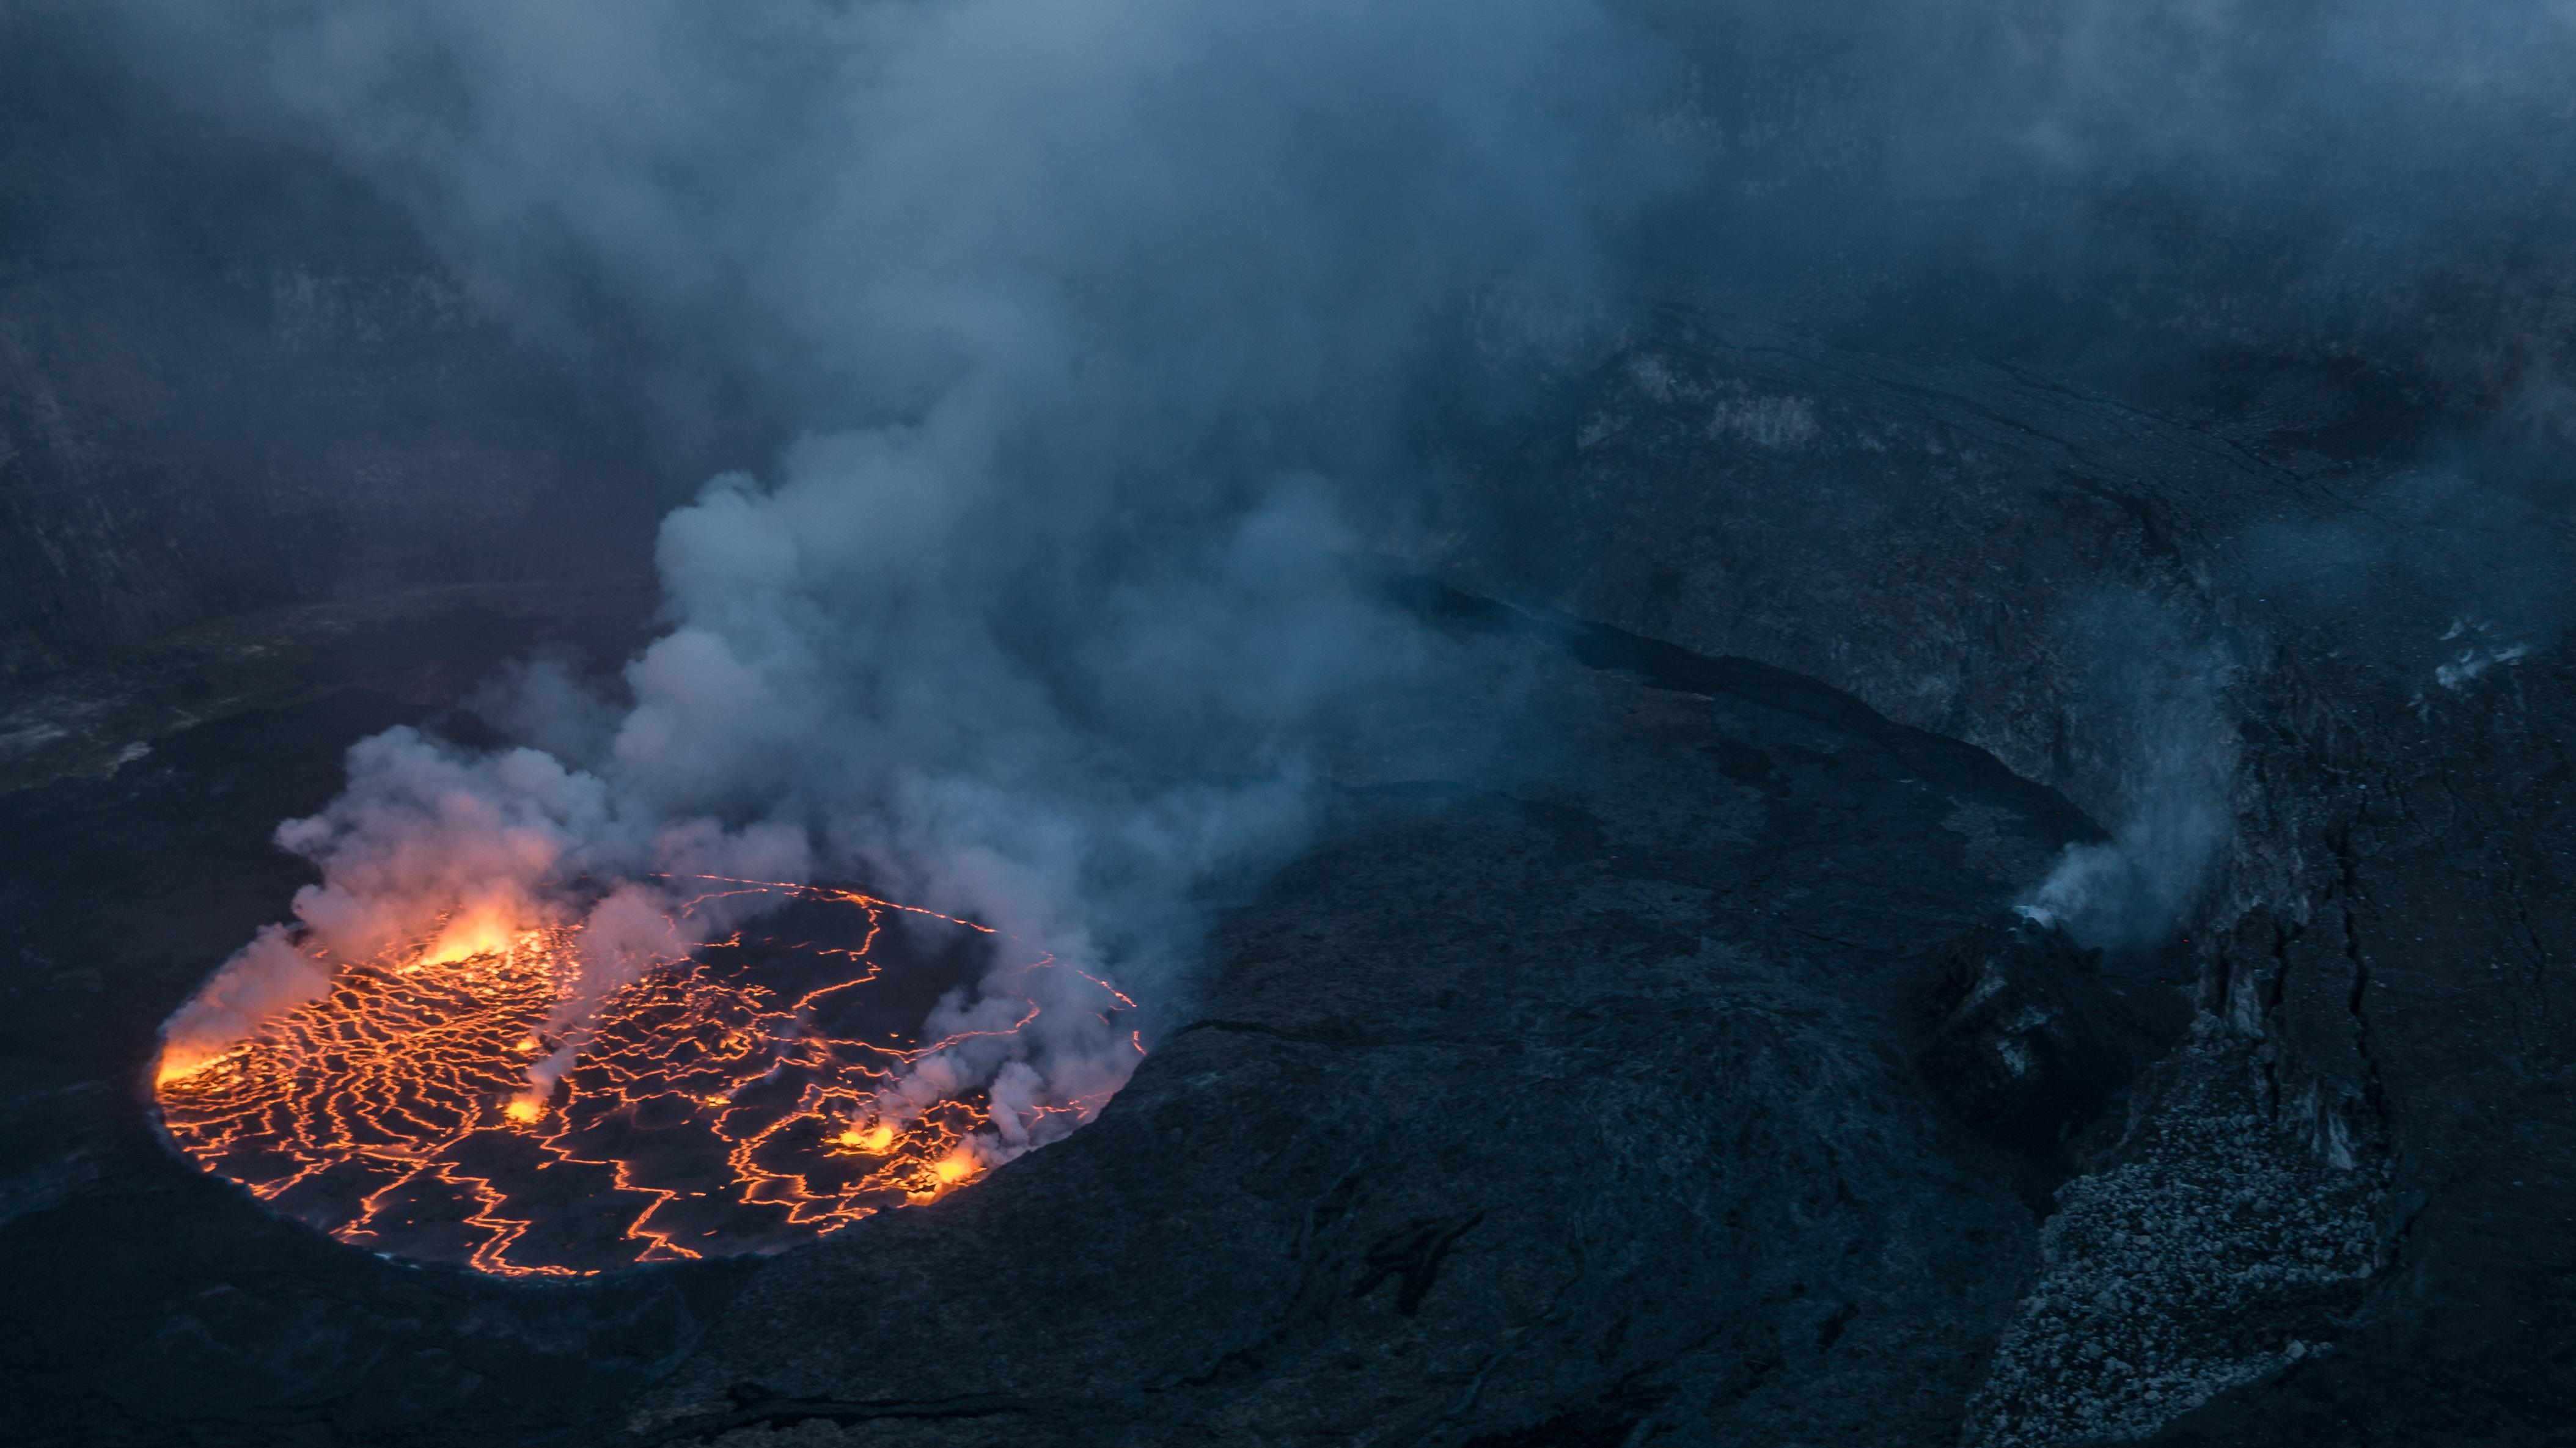 El lago de lava en la cima del monte Nyiragongo